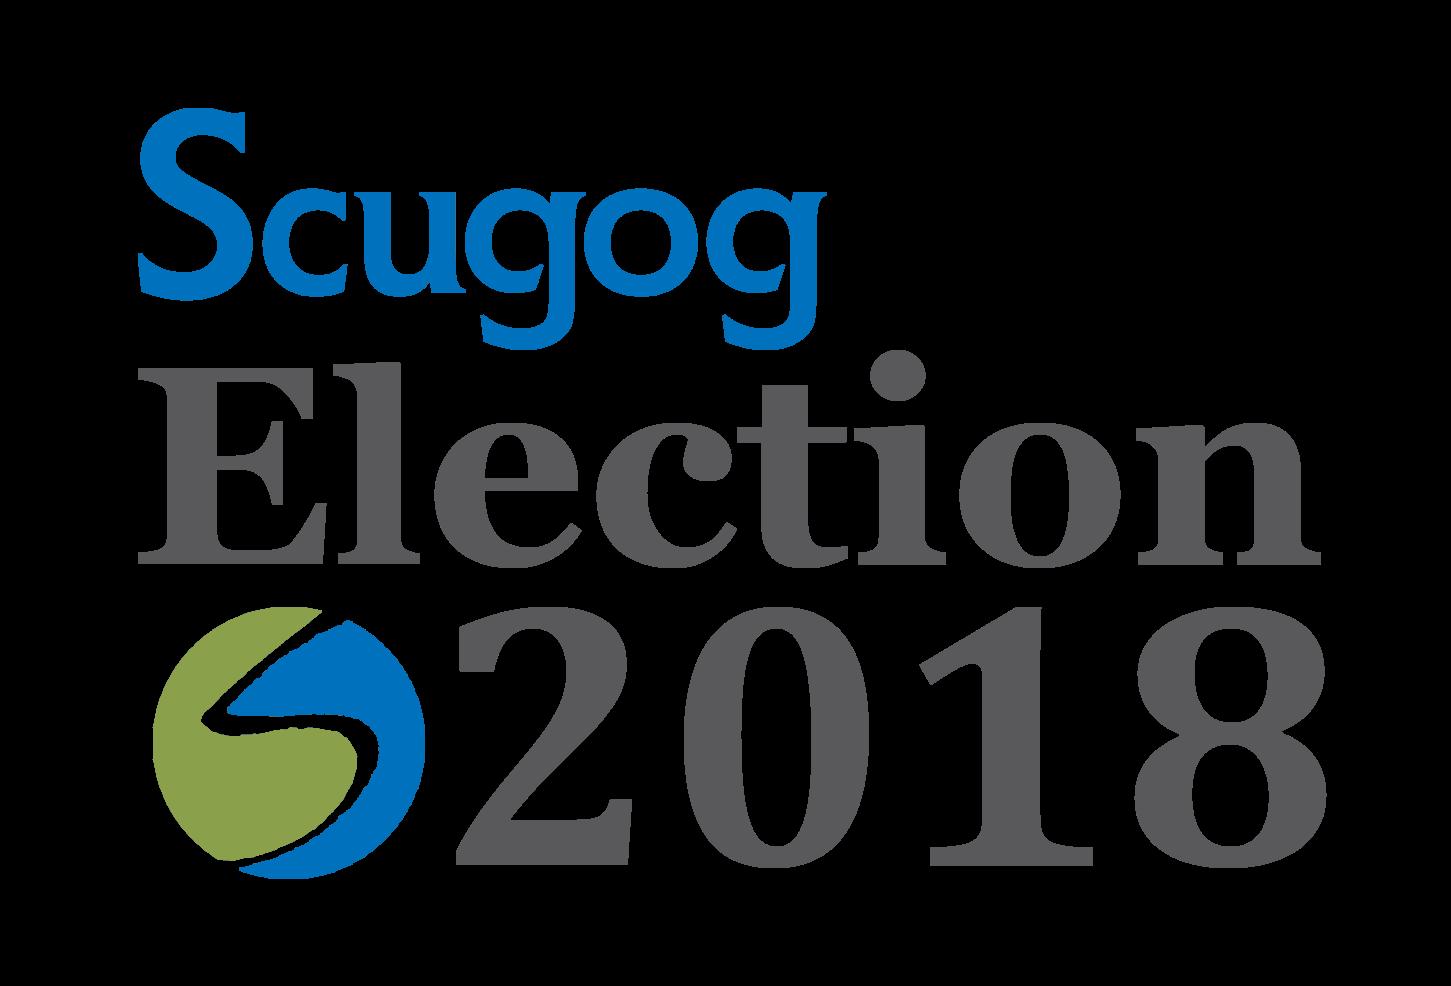 Scugog-Election-2018-Large